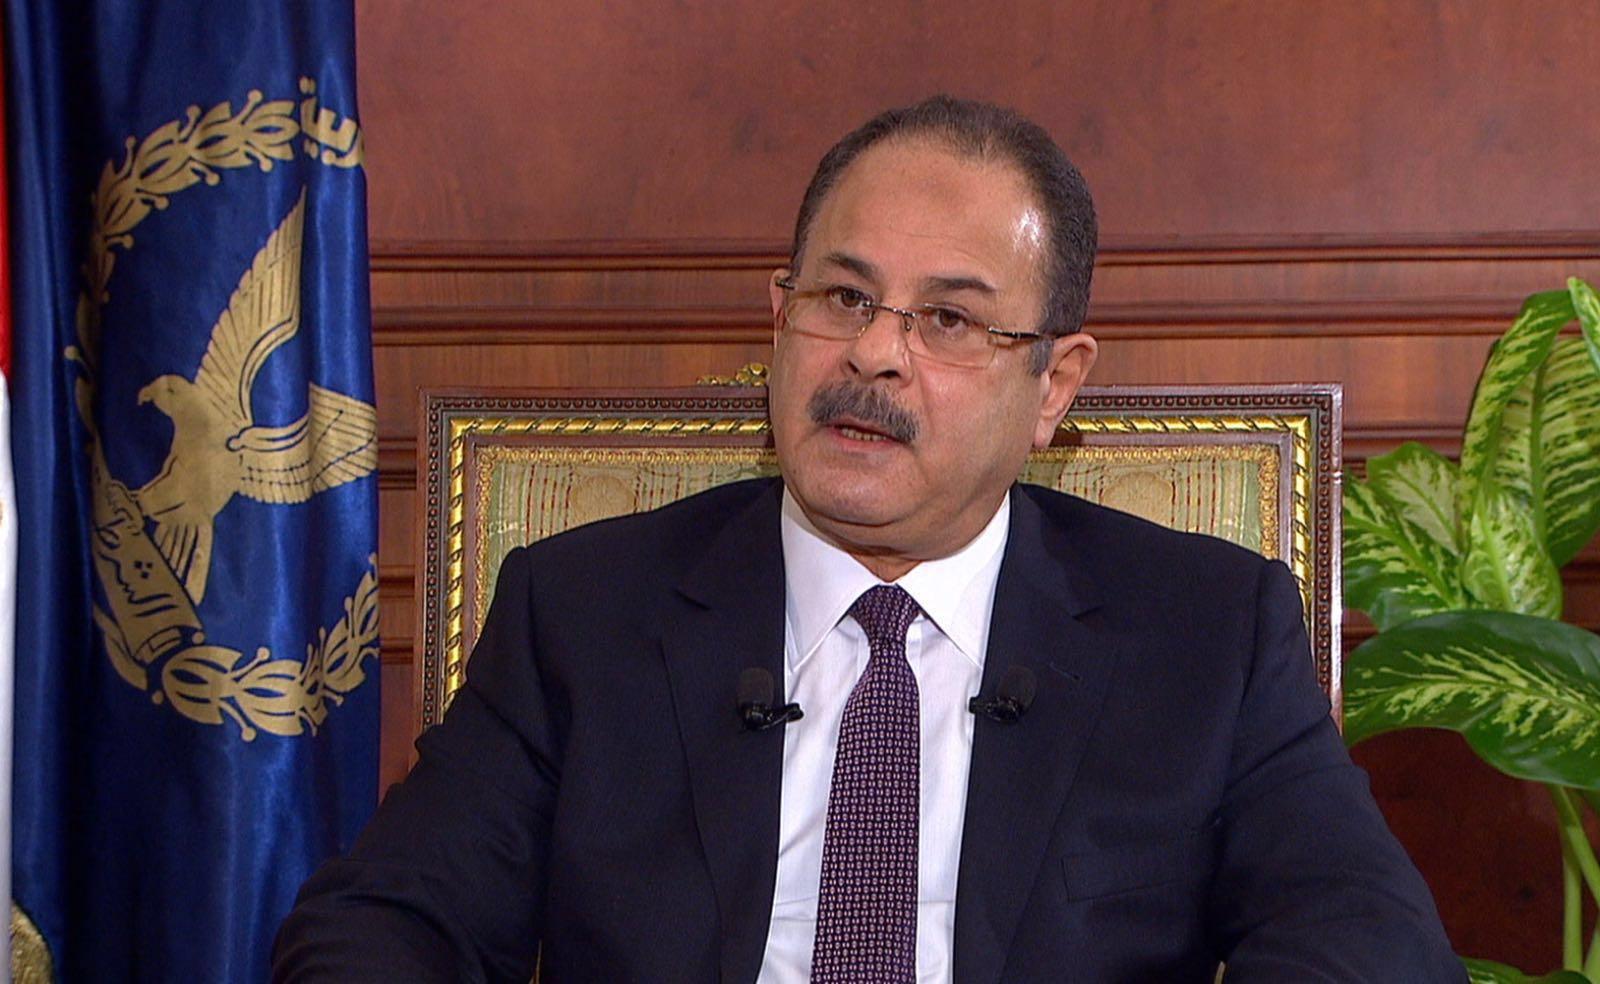 وزير الداخلية يهنىء وزير الدفاع ورئيس الأركان بذكرى ثورة 23 يوليو